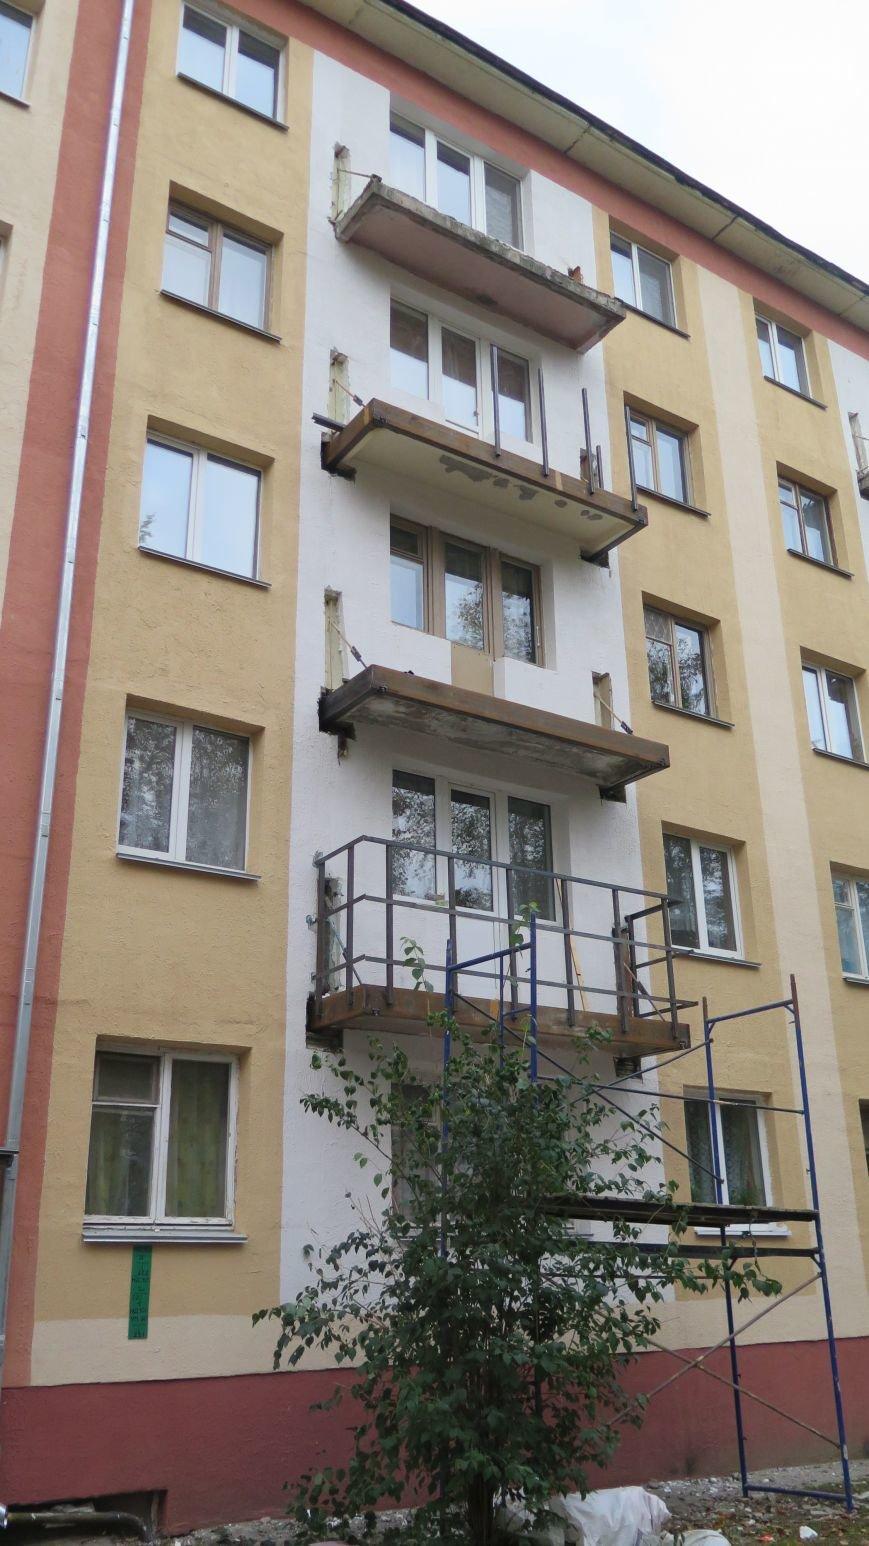 Успеет ли «ТРЕСТ №22 г.Новополоцк» окончить ремонт балконов в заявленные сроки?!, фото-6